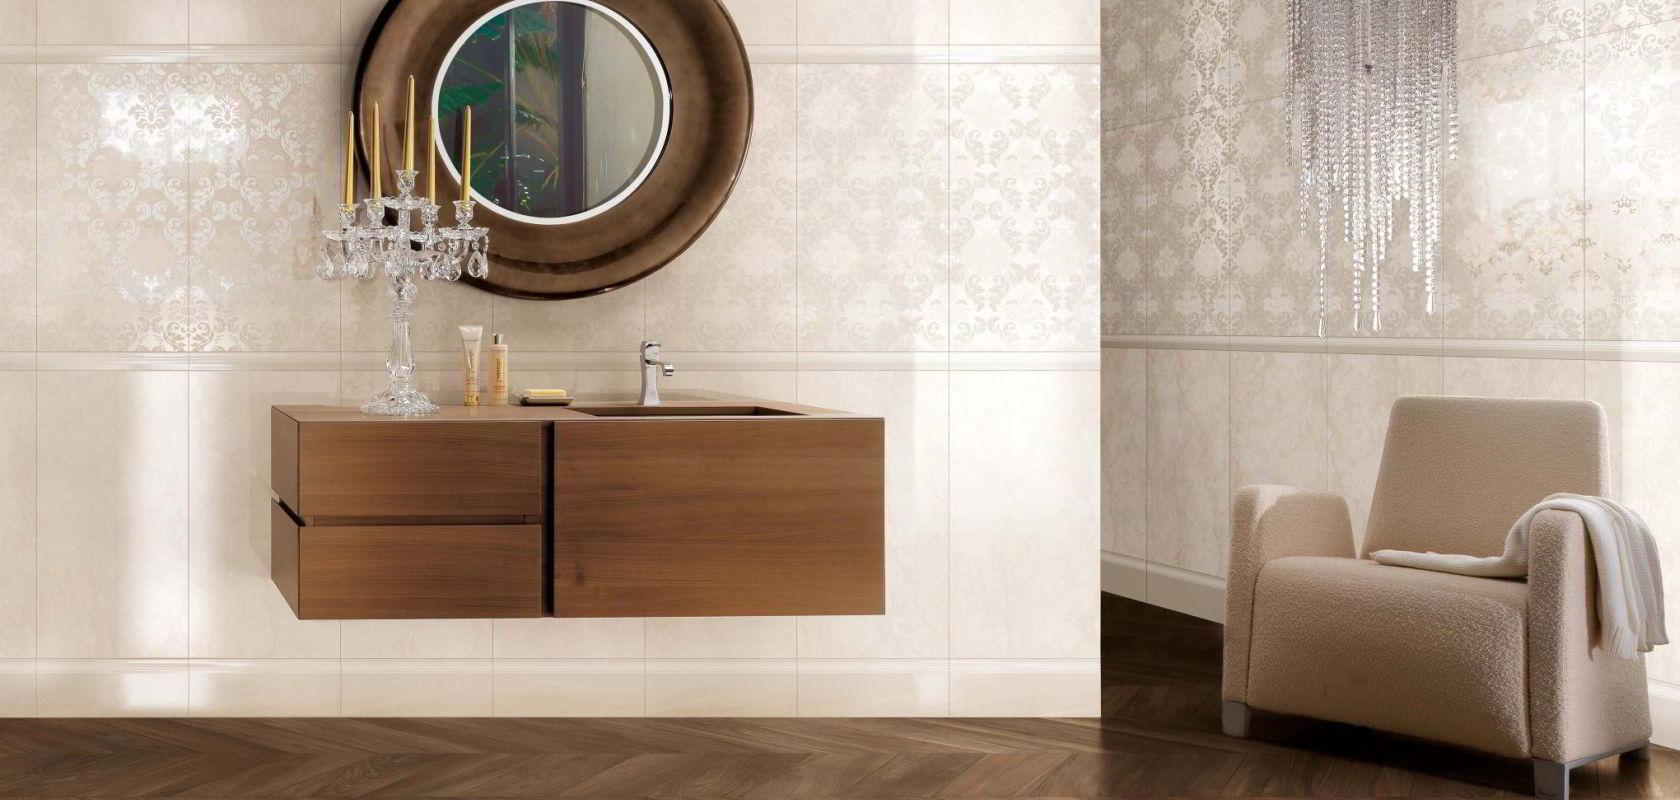 Scegli pavimenti supergres da cirelli arredo bagno for Cirelli arredo bagno